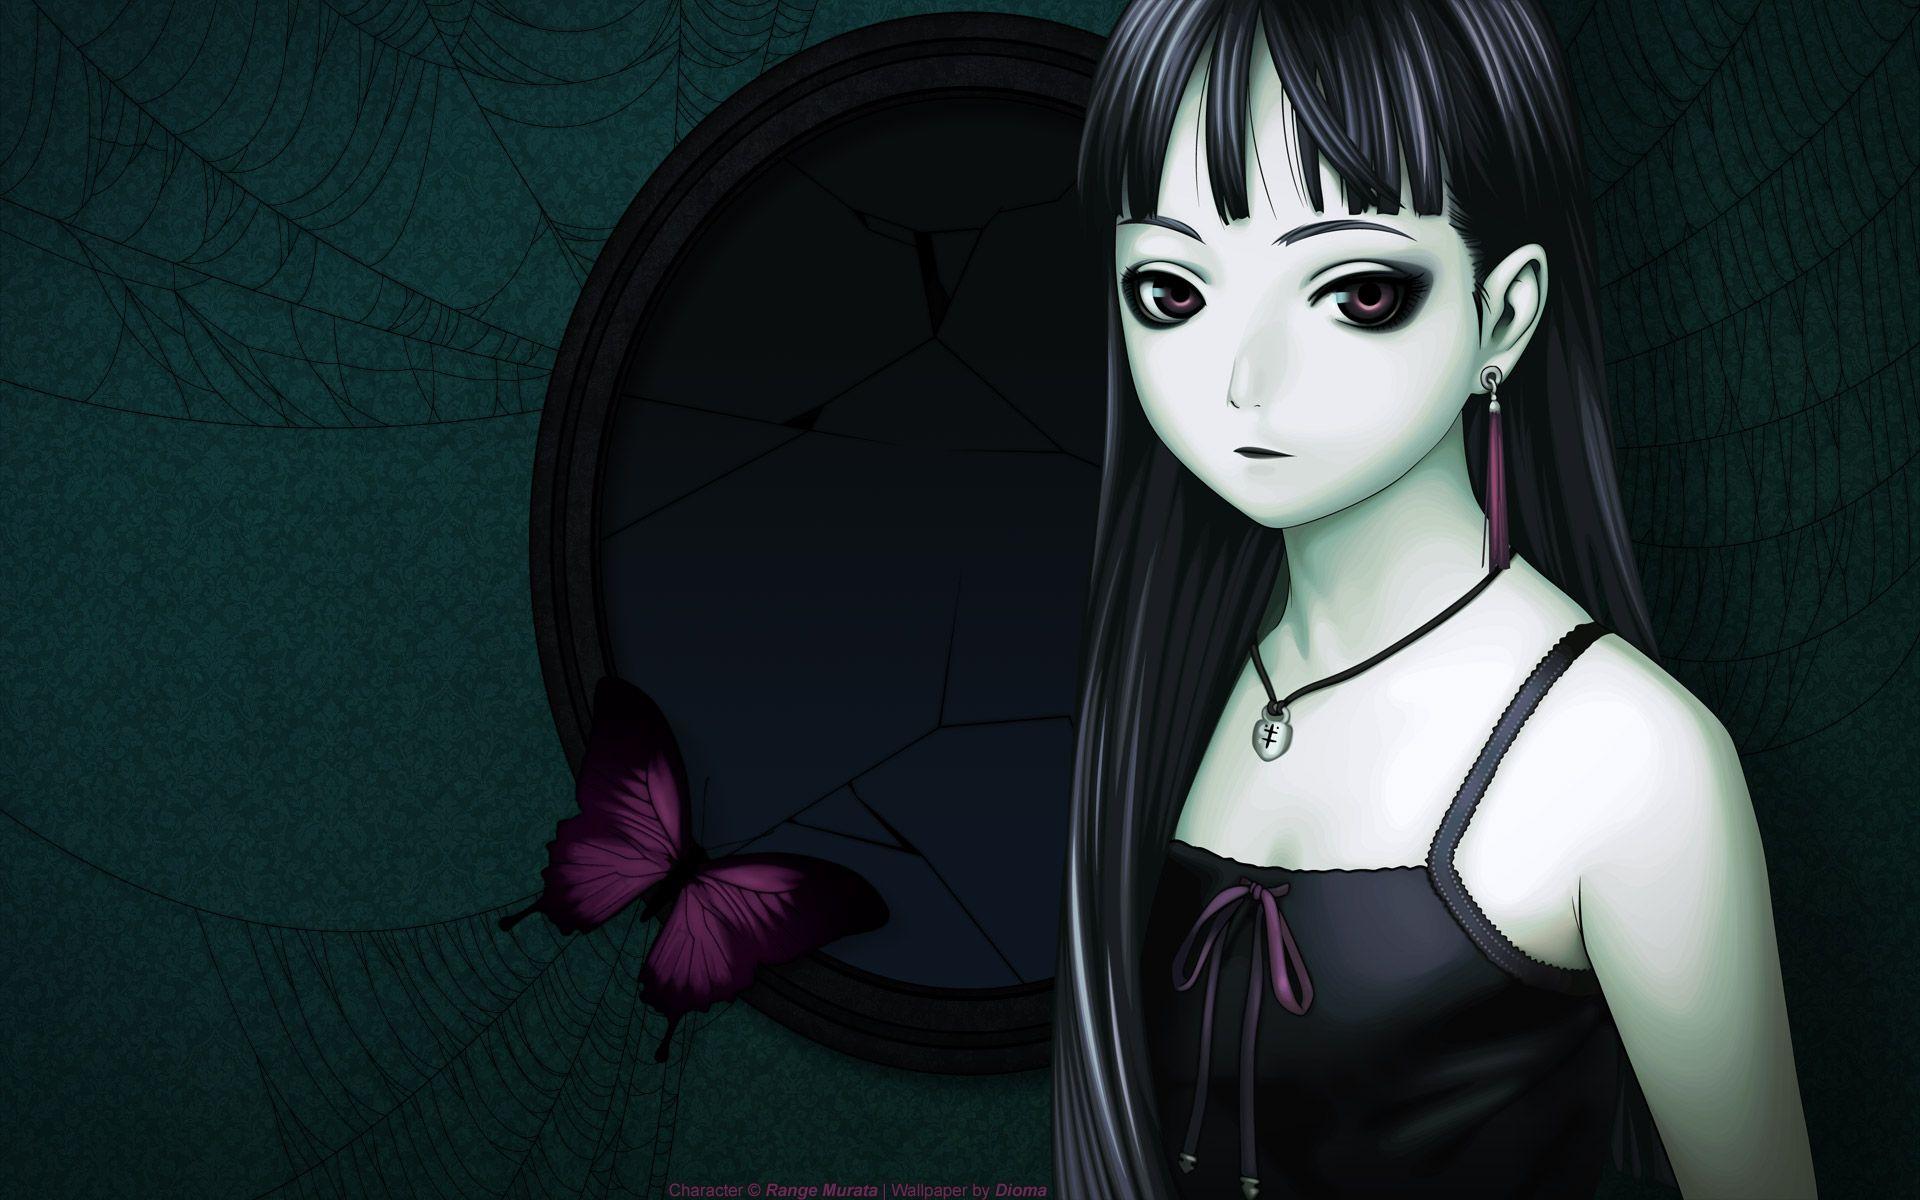 Anime Goth Girl Wallpaper Anime Gothic Wallpaper Anime Wallpaper